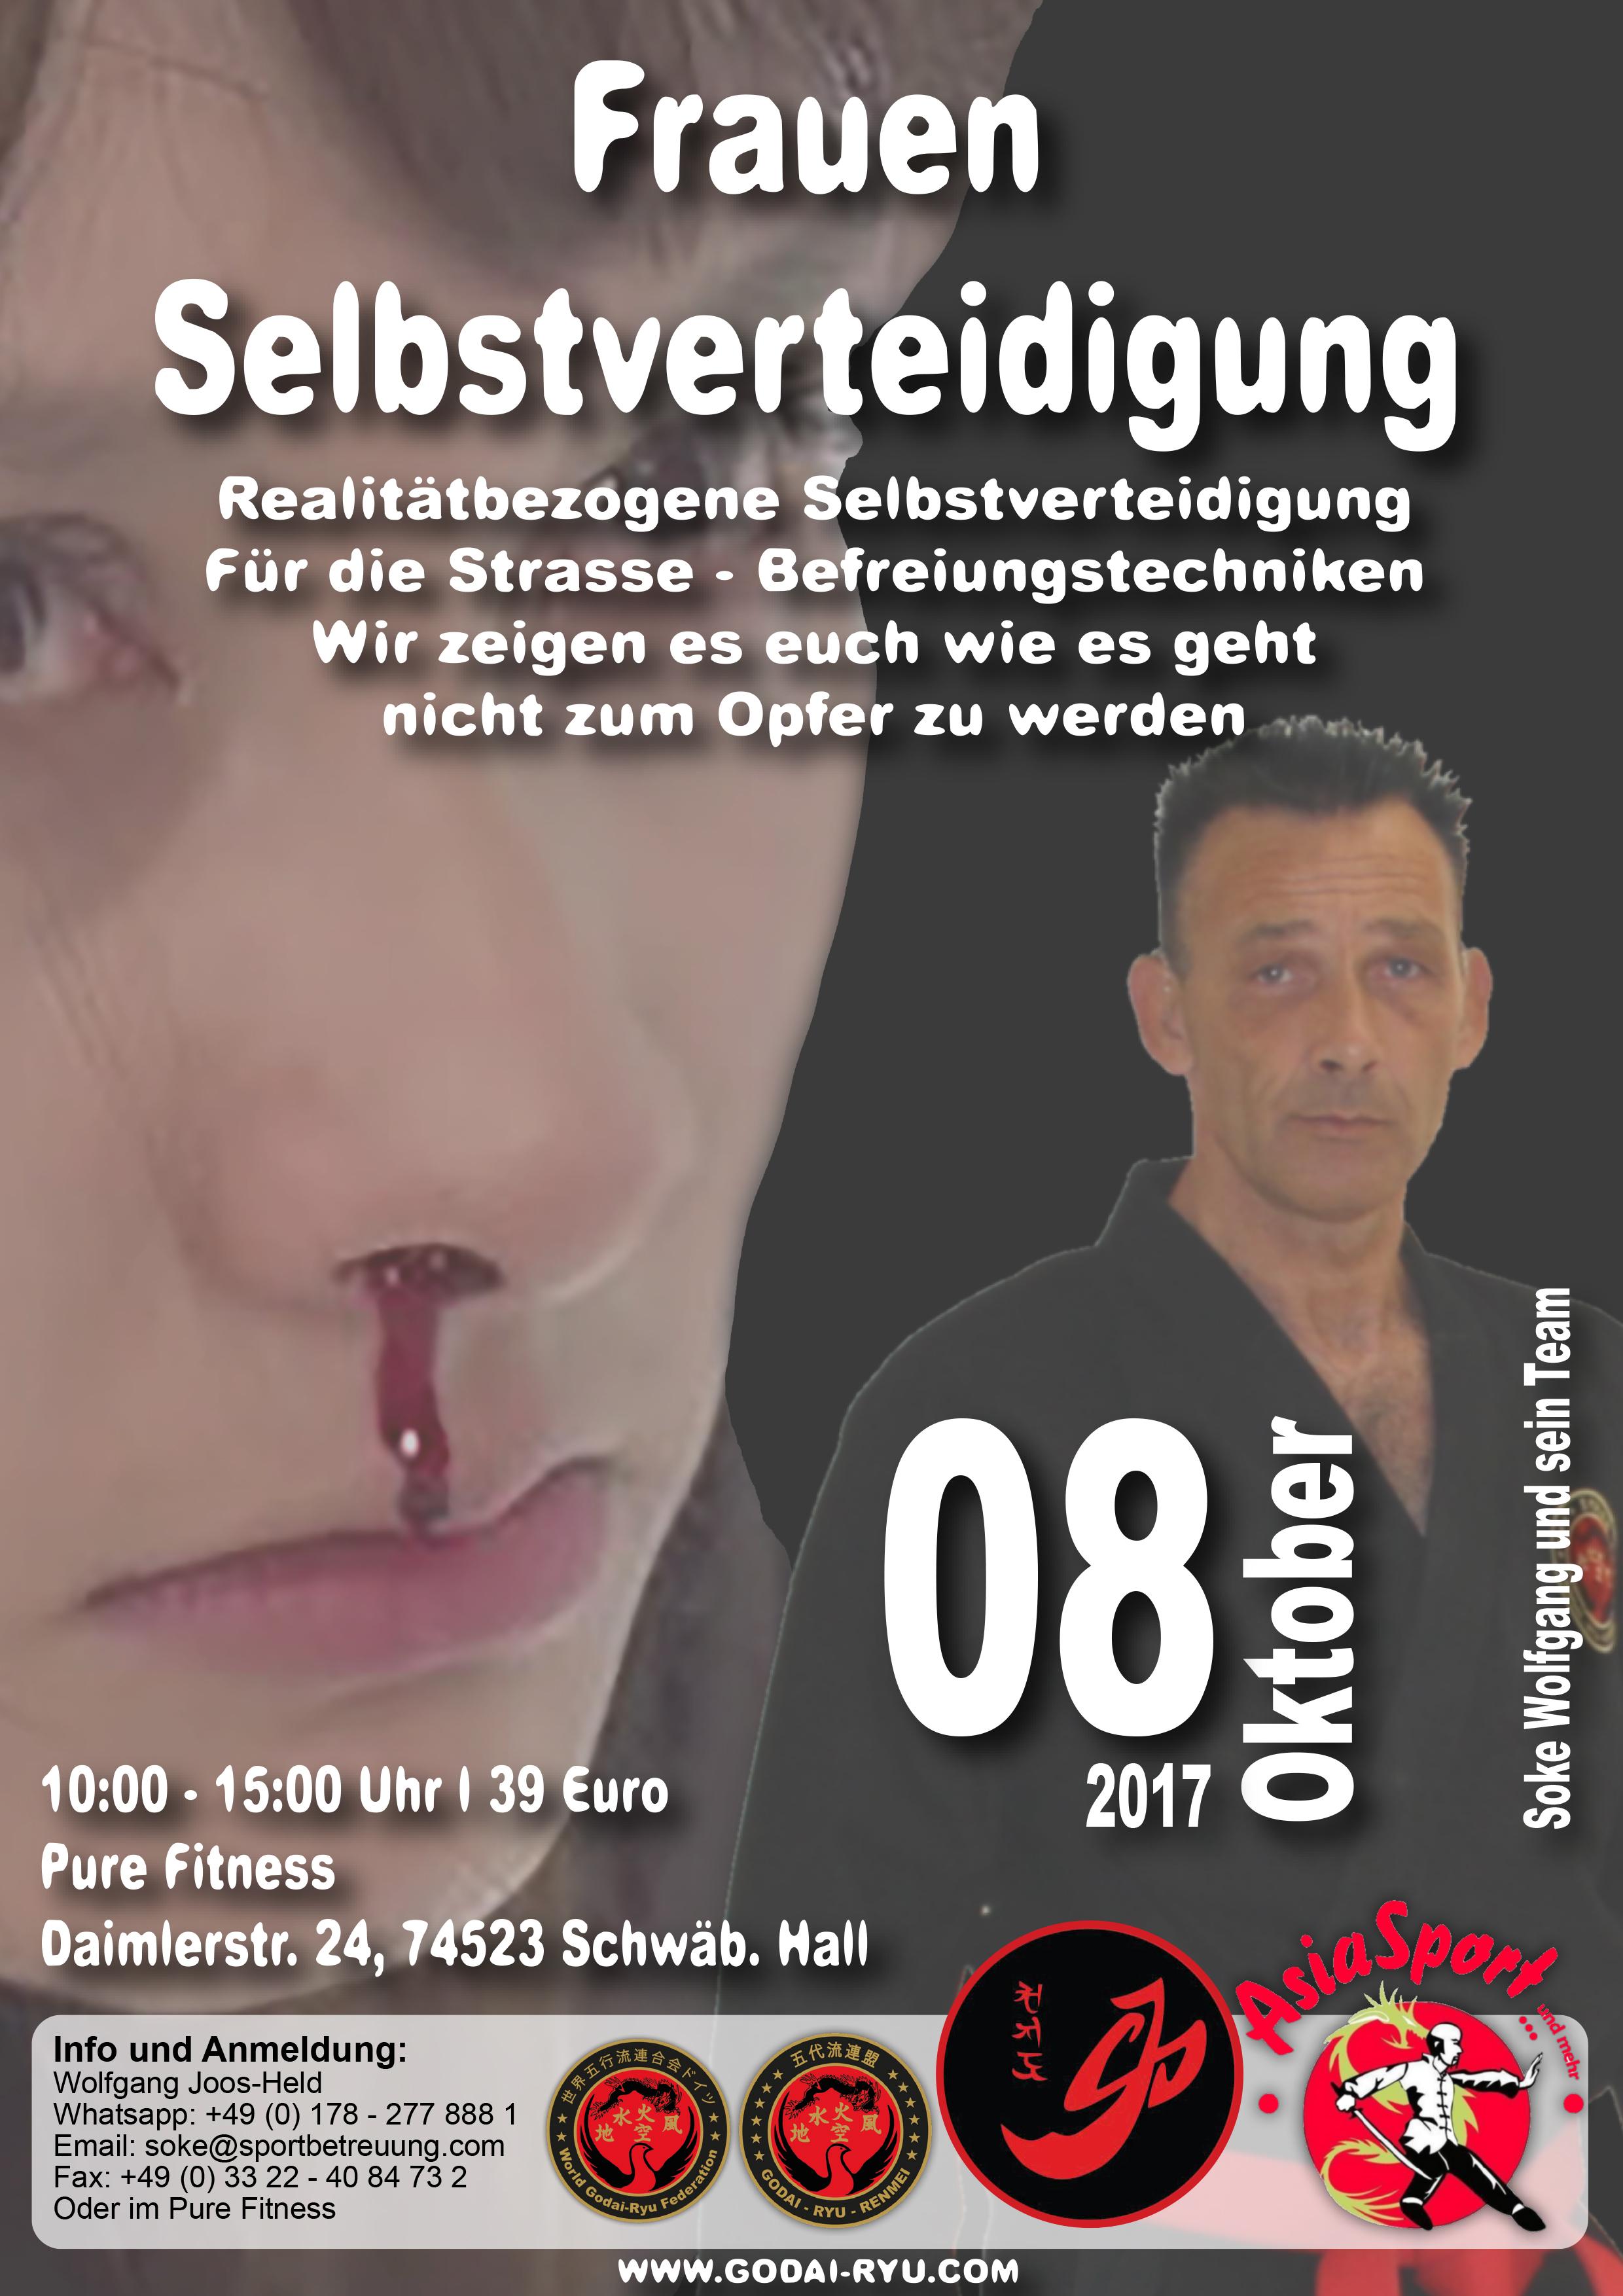 Frauen Selbstverteidigung - Schwäbisch Hall